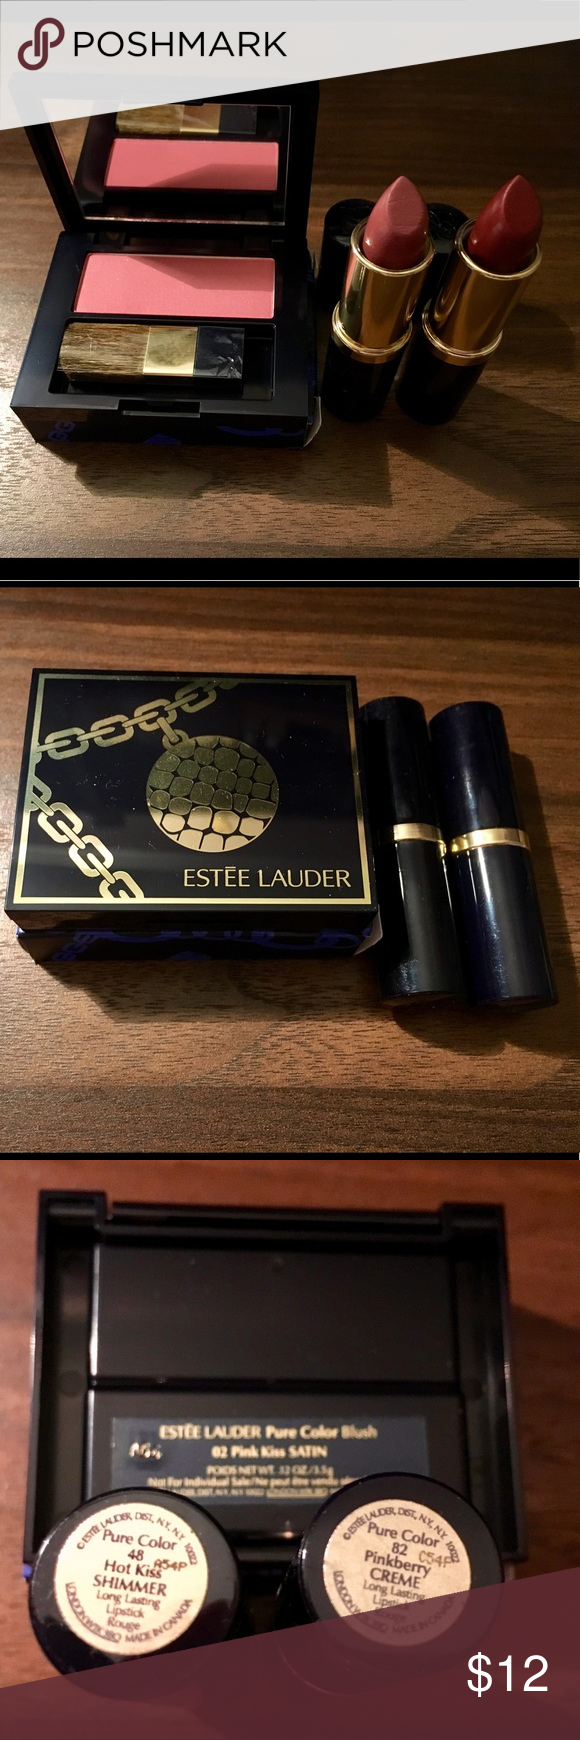 Estée Lauder Makeup Set Estee lauder makeup set, Makeup